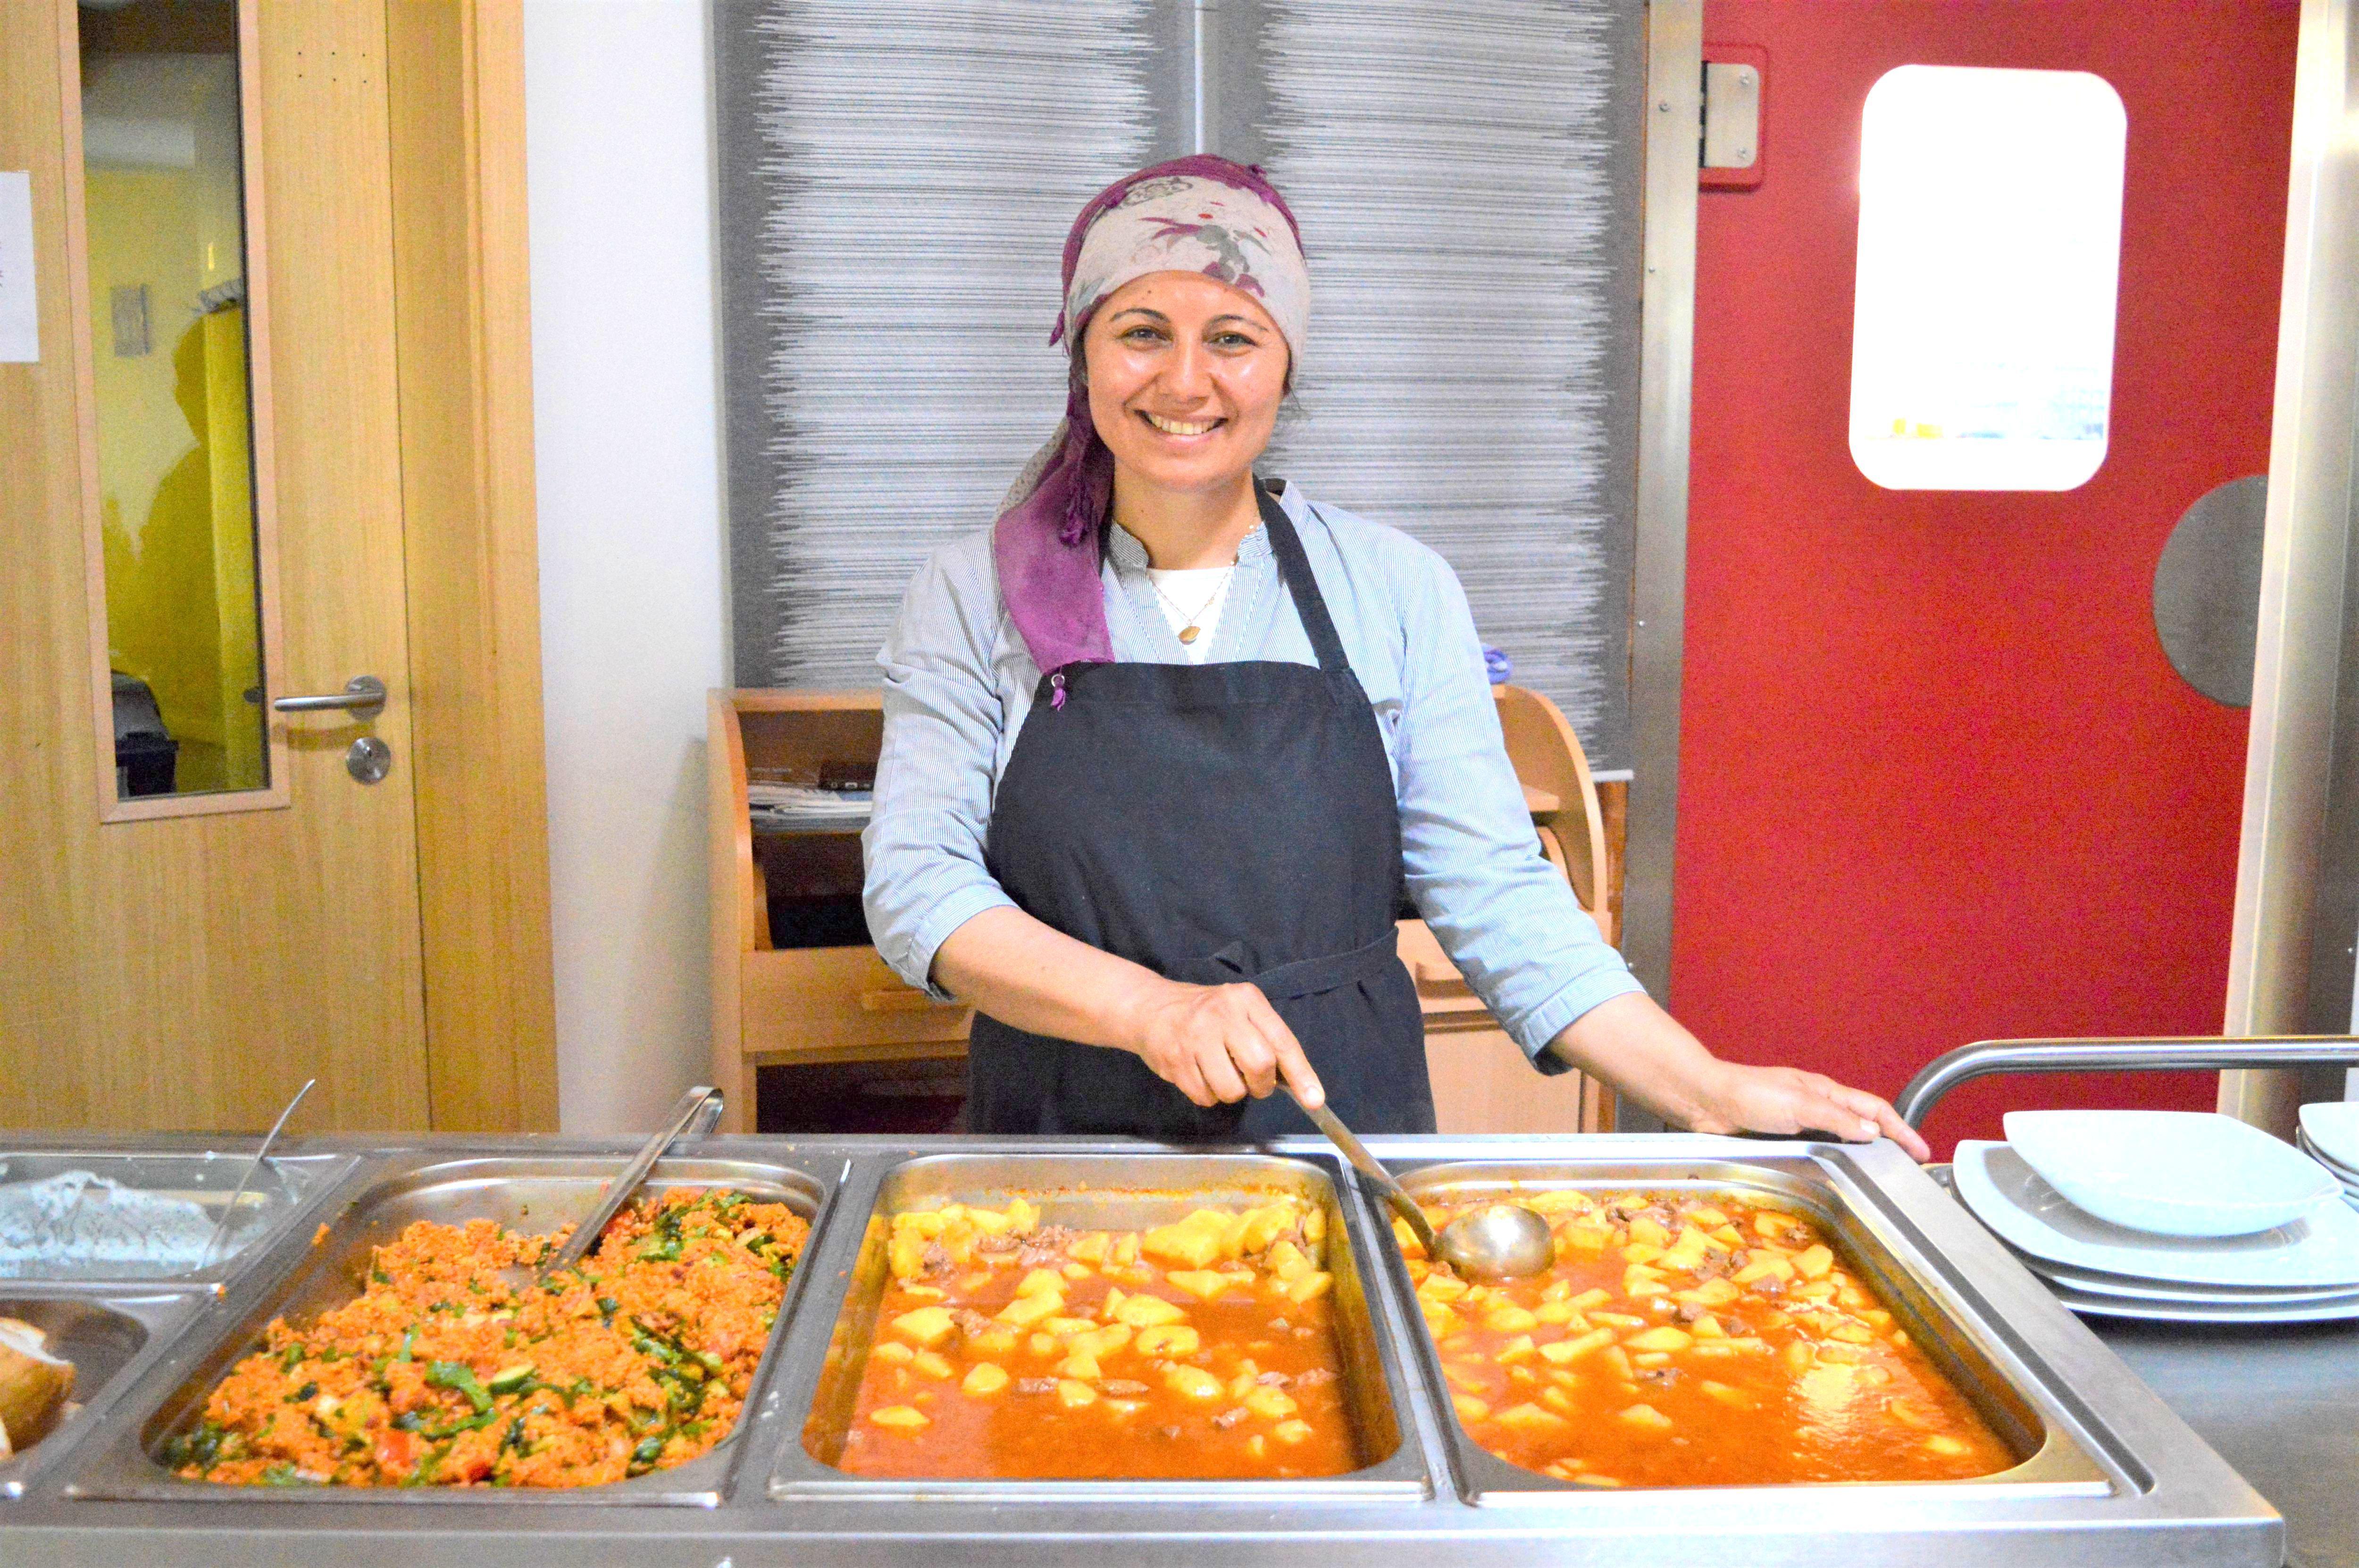 Egal ob für 10 oder 200 Gäste - Nurgüls große Leidenschaft ist das Kochen und sie bringt gerne Gerichte aus ihrer Heimat nach Eimsbüttel. Foto: Margarita Ilieva